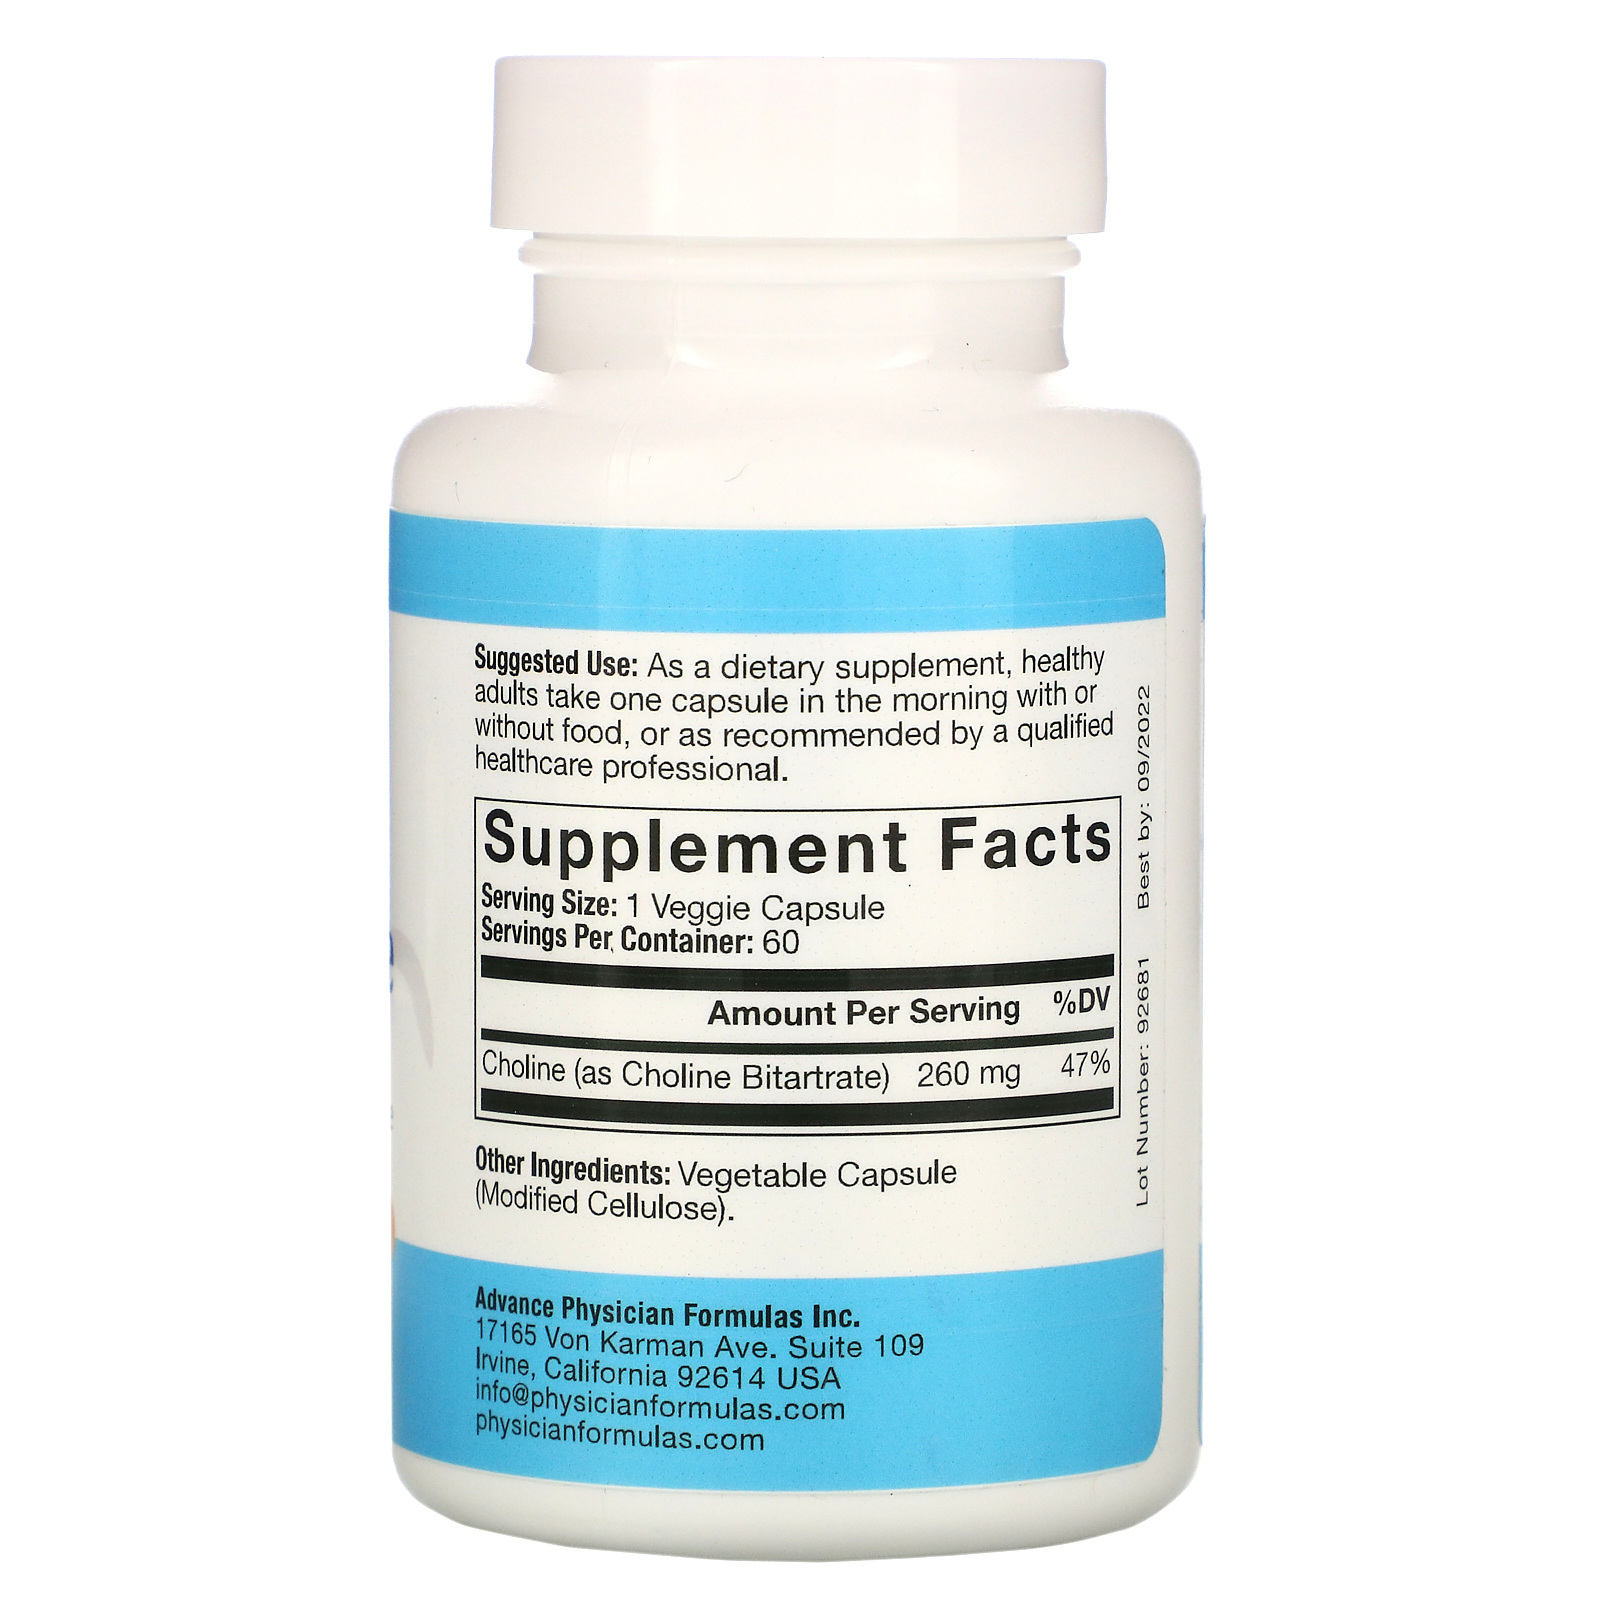 slimming complex 650 mg 60 / tab face slimming huuliku ulevaated